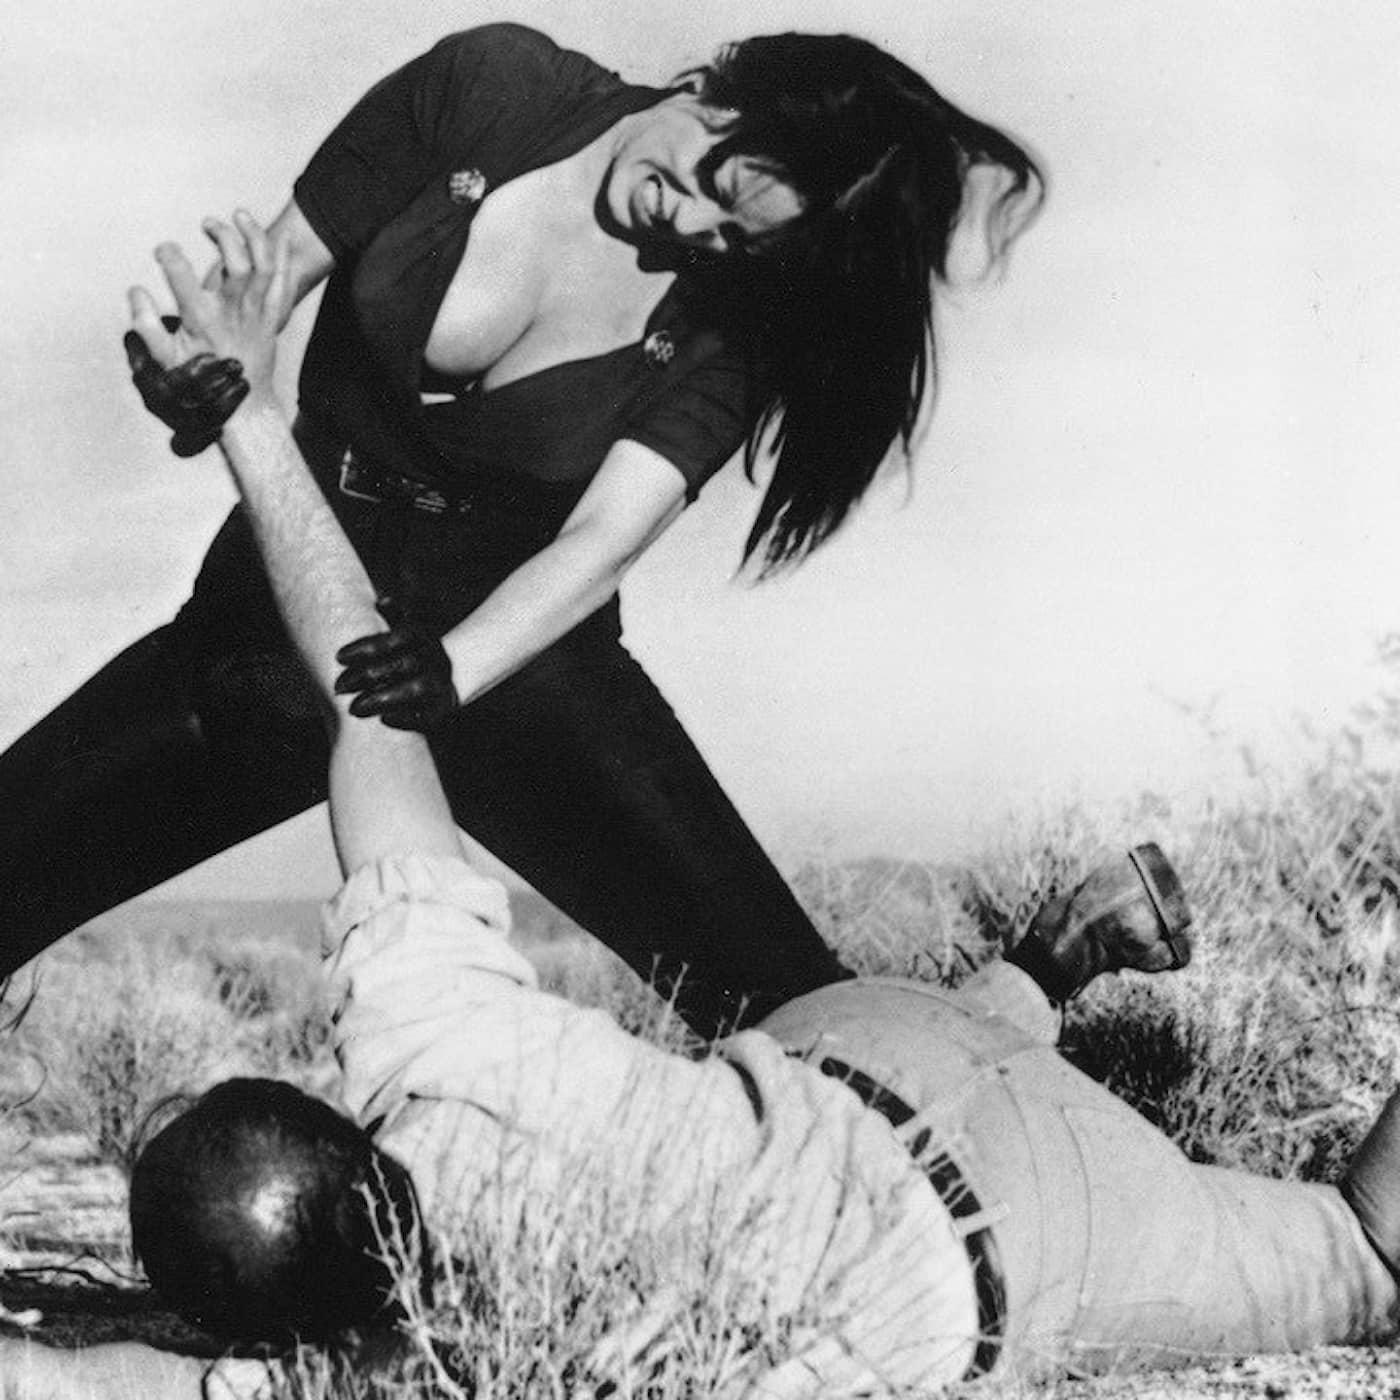 Skjortor på glid, karatekickande kultkvinnor och frifräsande psykoanalys – berättelser från Stils stora arkiv